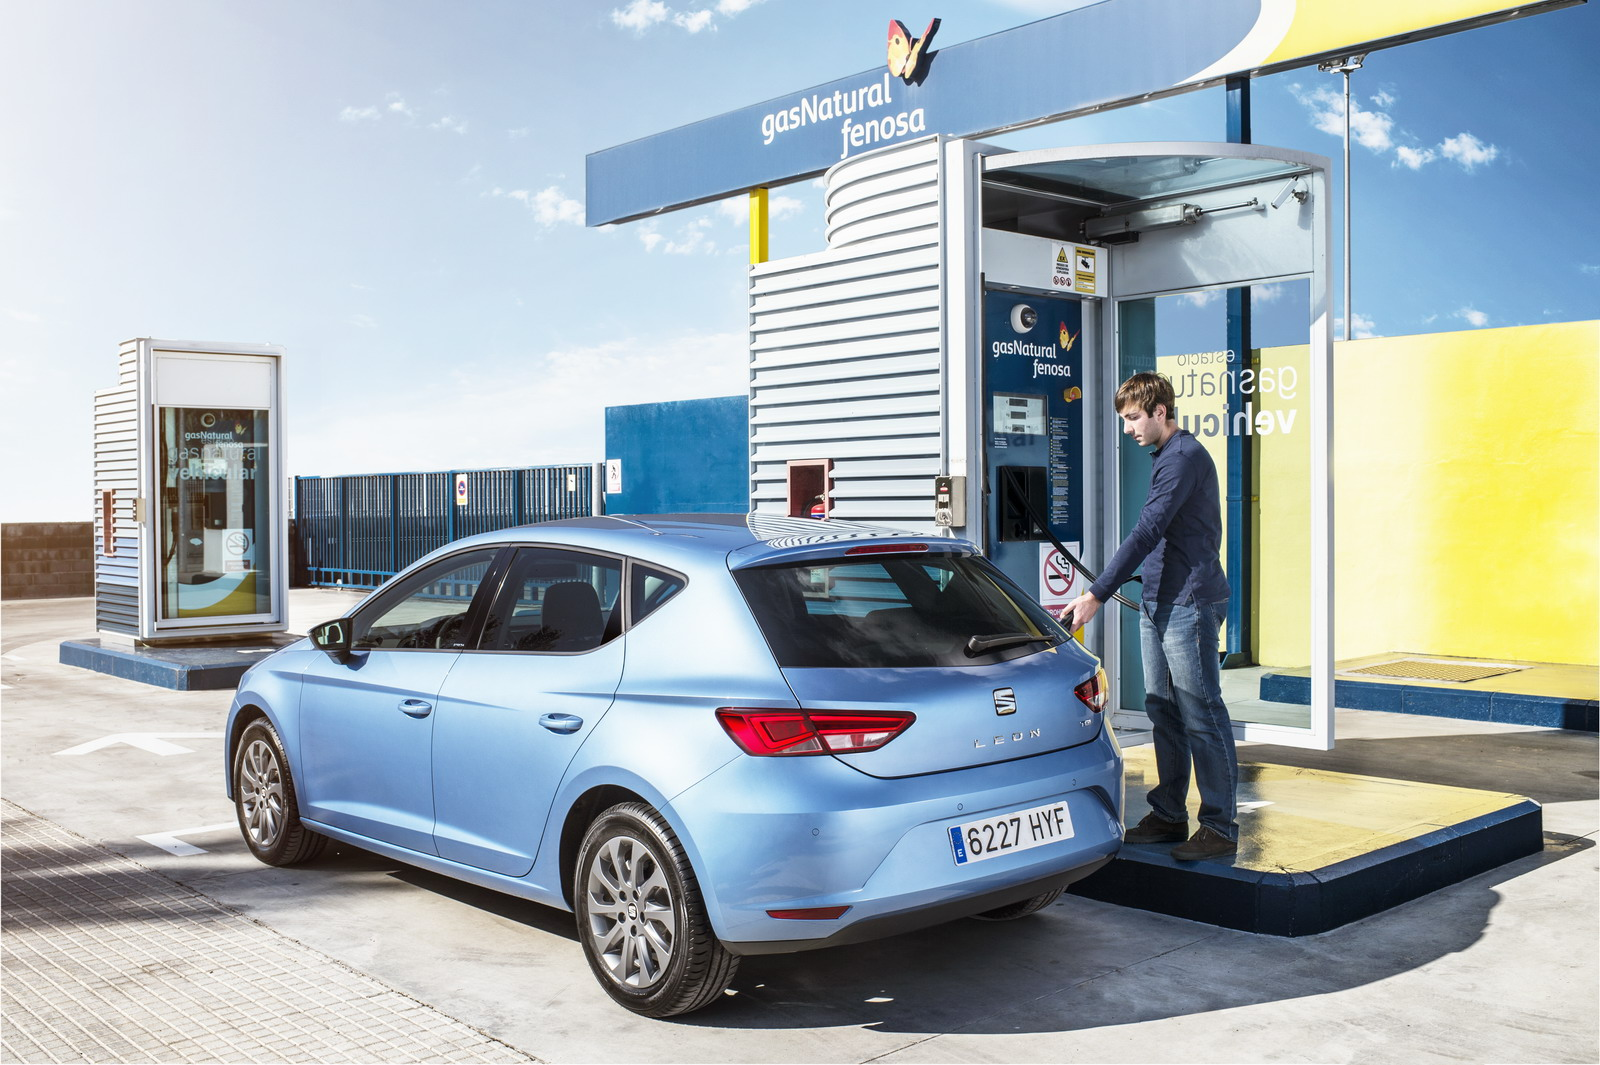 En Espagne, le nombre de véhicules au gaz a doublé en cinq ans